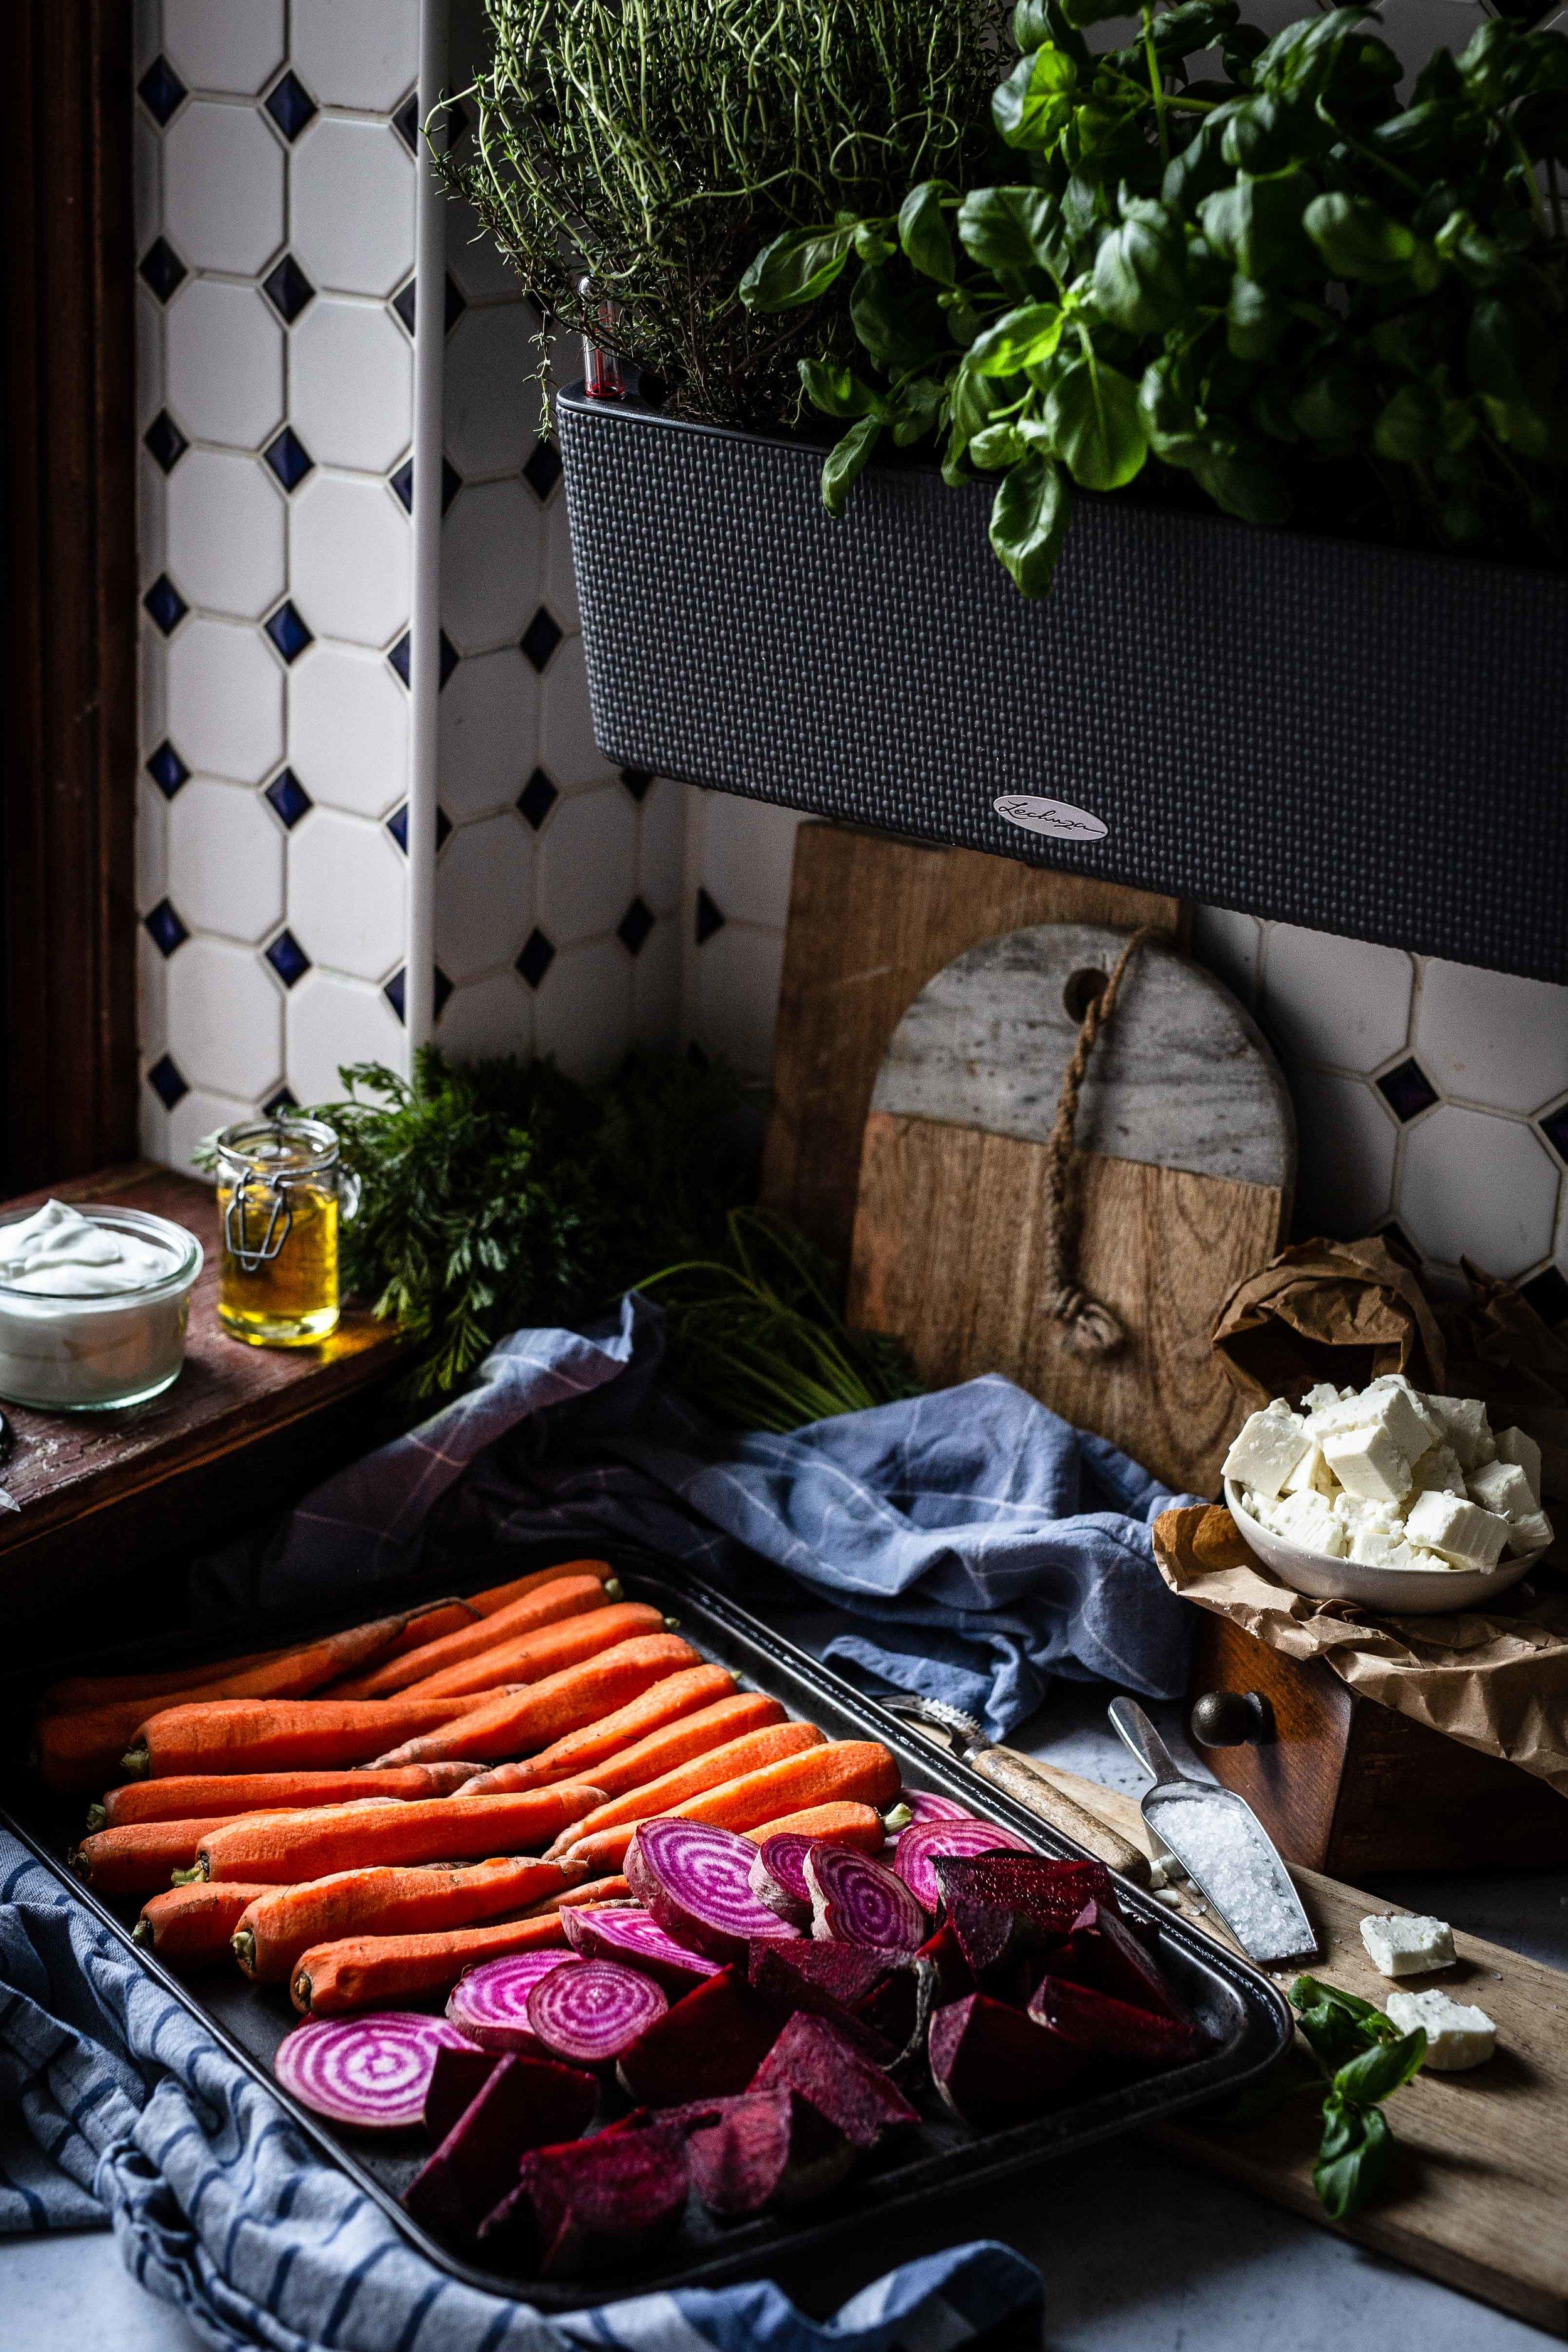 Roasted Veggies with Feta Dip-0755.jpg